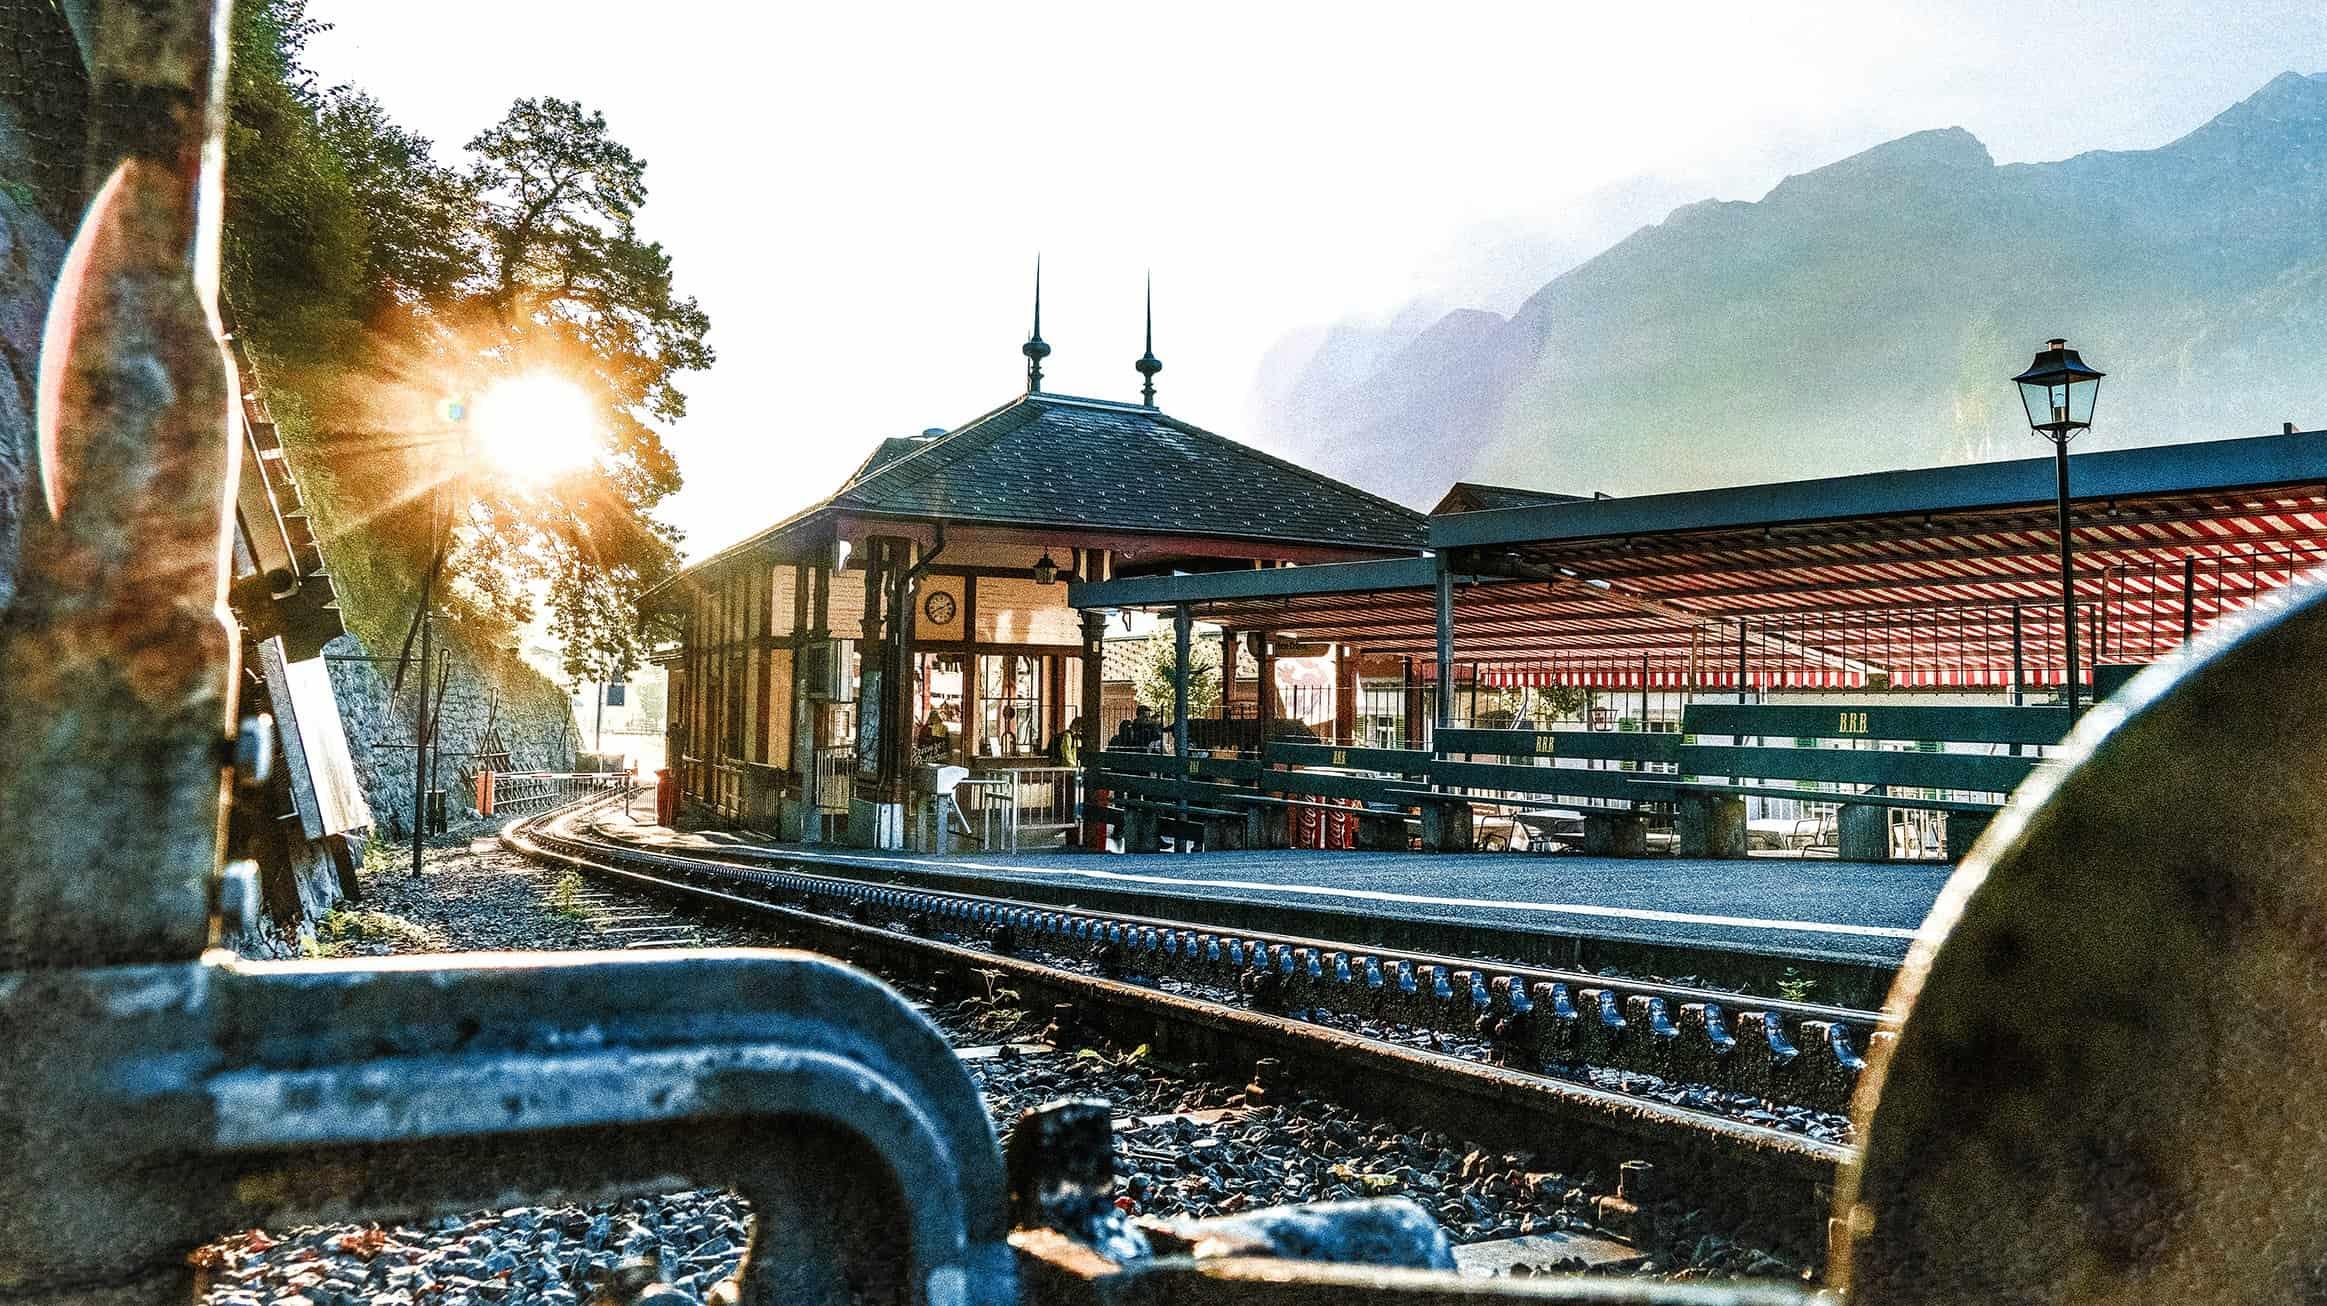 افضل انشطة في قطار الطبيعة في انترلاكن سويسرا